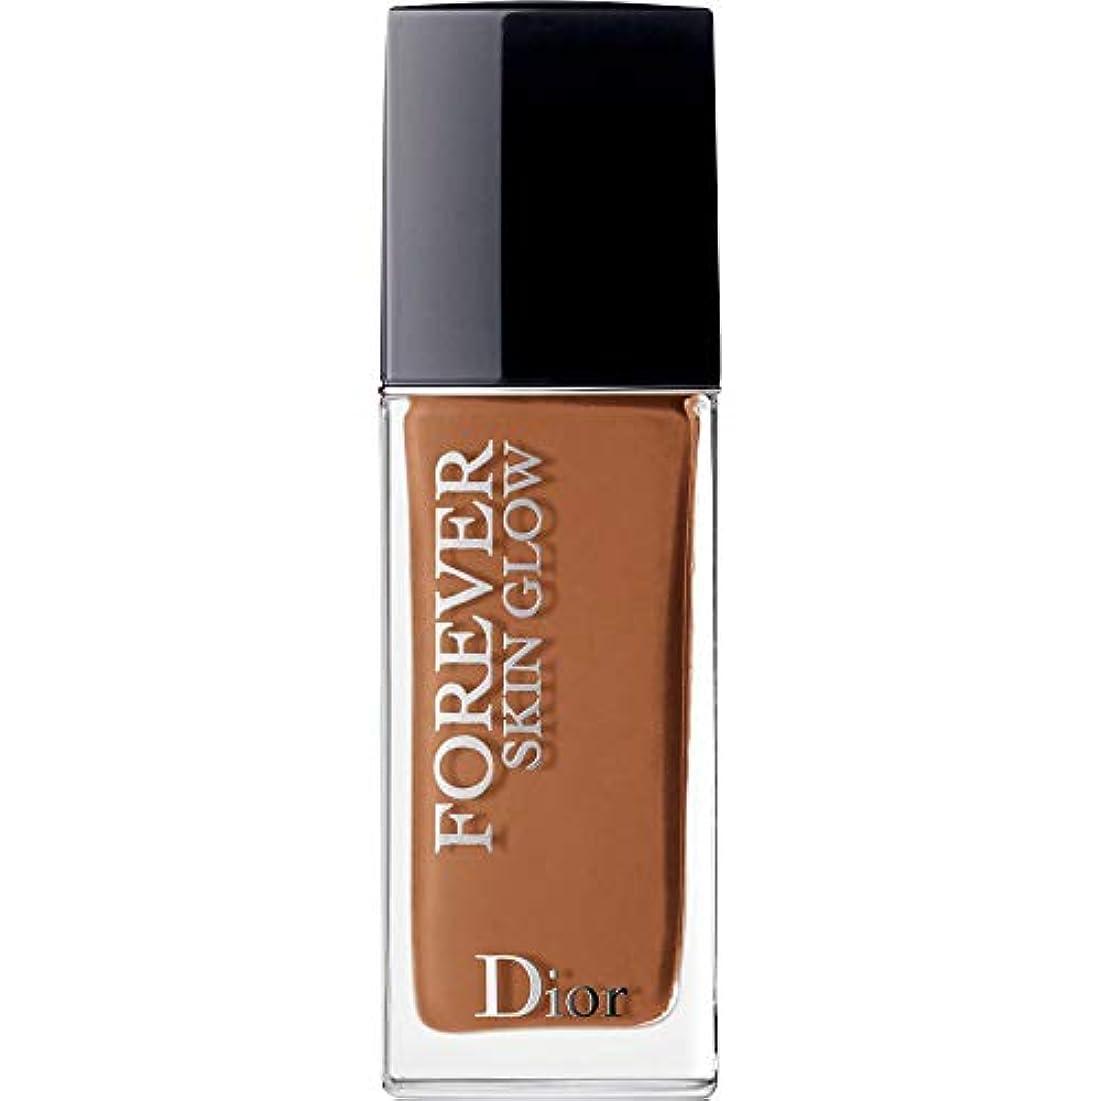 ベーコン理想的には以下[Dior ] ディオール永遠に皮膚グロー皮膚思いやりの基礎Spf35 30ミリリットルの6N - ニュートラル(肌の輝き) - DIOR Forever Skin Glow Skin-Caring Foundation...